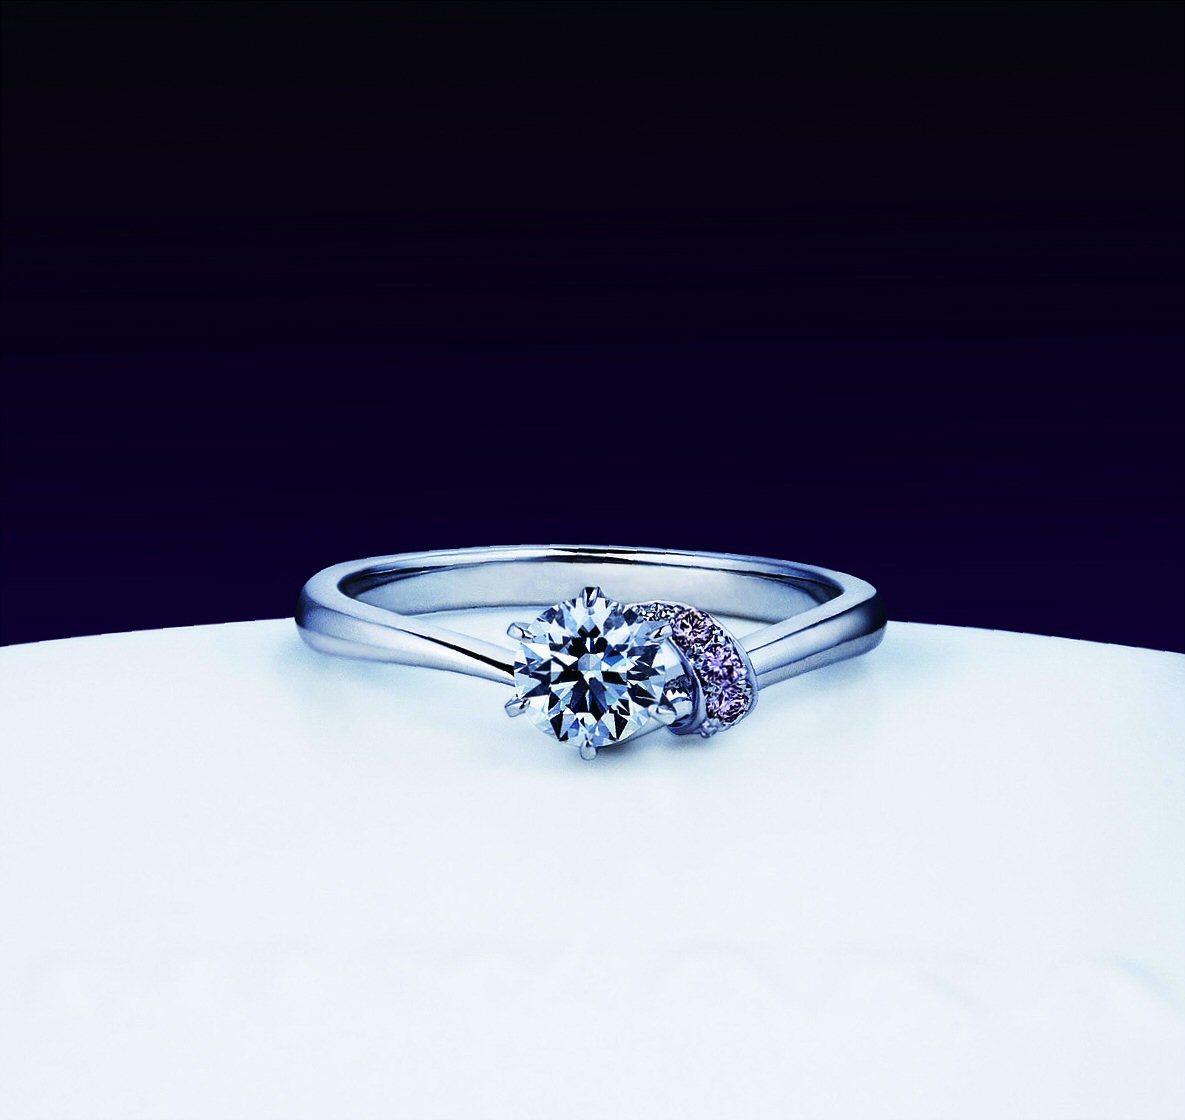 「茜(あかね)」の物語~それは幸せが降り注ぐ兆し~俄の婚約指輪のエピソード_f0118568_14303498.jpg